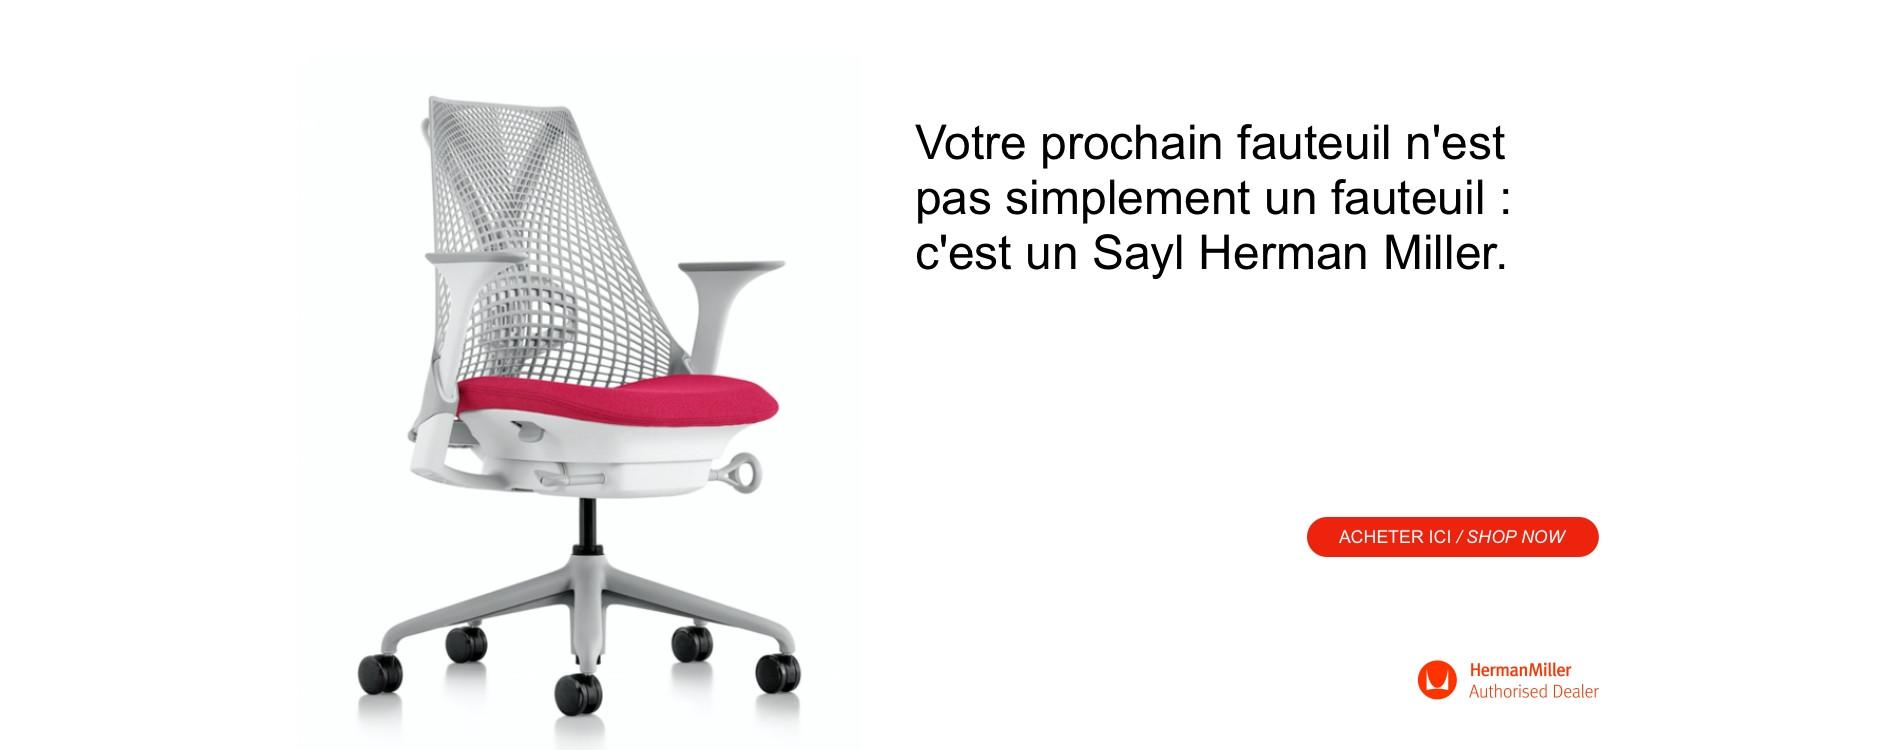 Votre prochain fauteuil est un Sayl Herman Miller